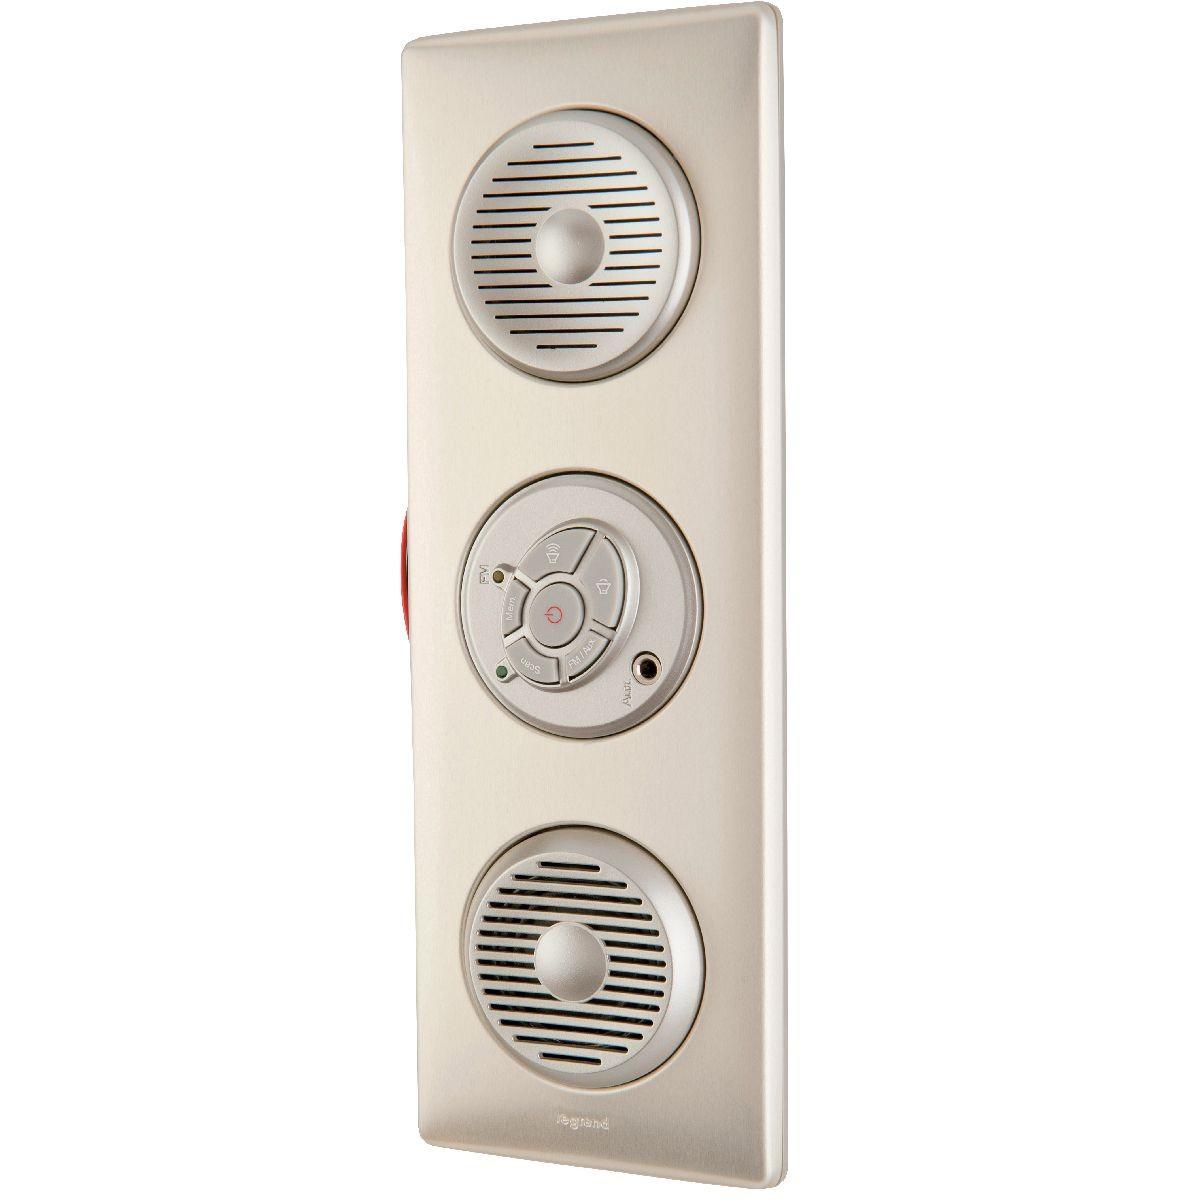 Legrand pap tuner stand alone celiane 067305 - Interphone pour communiquer d une piece a l autre ...